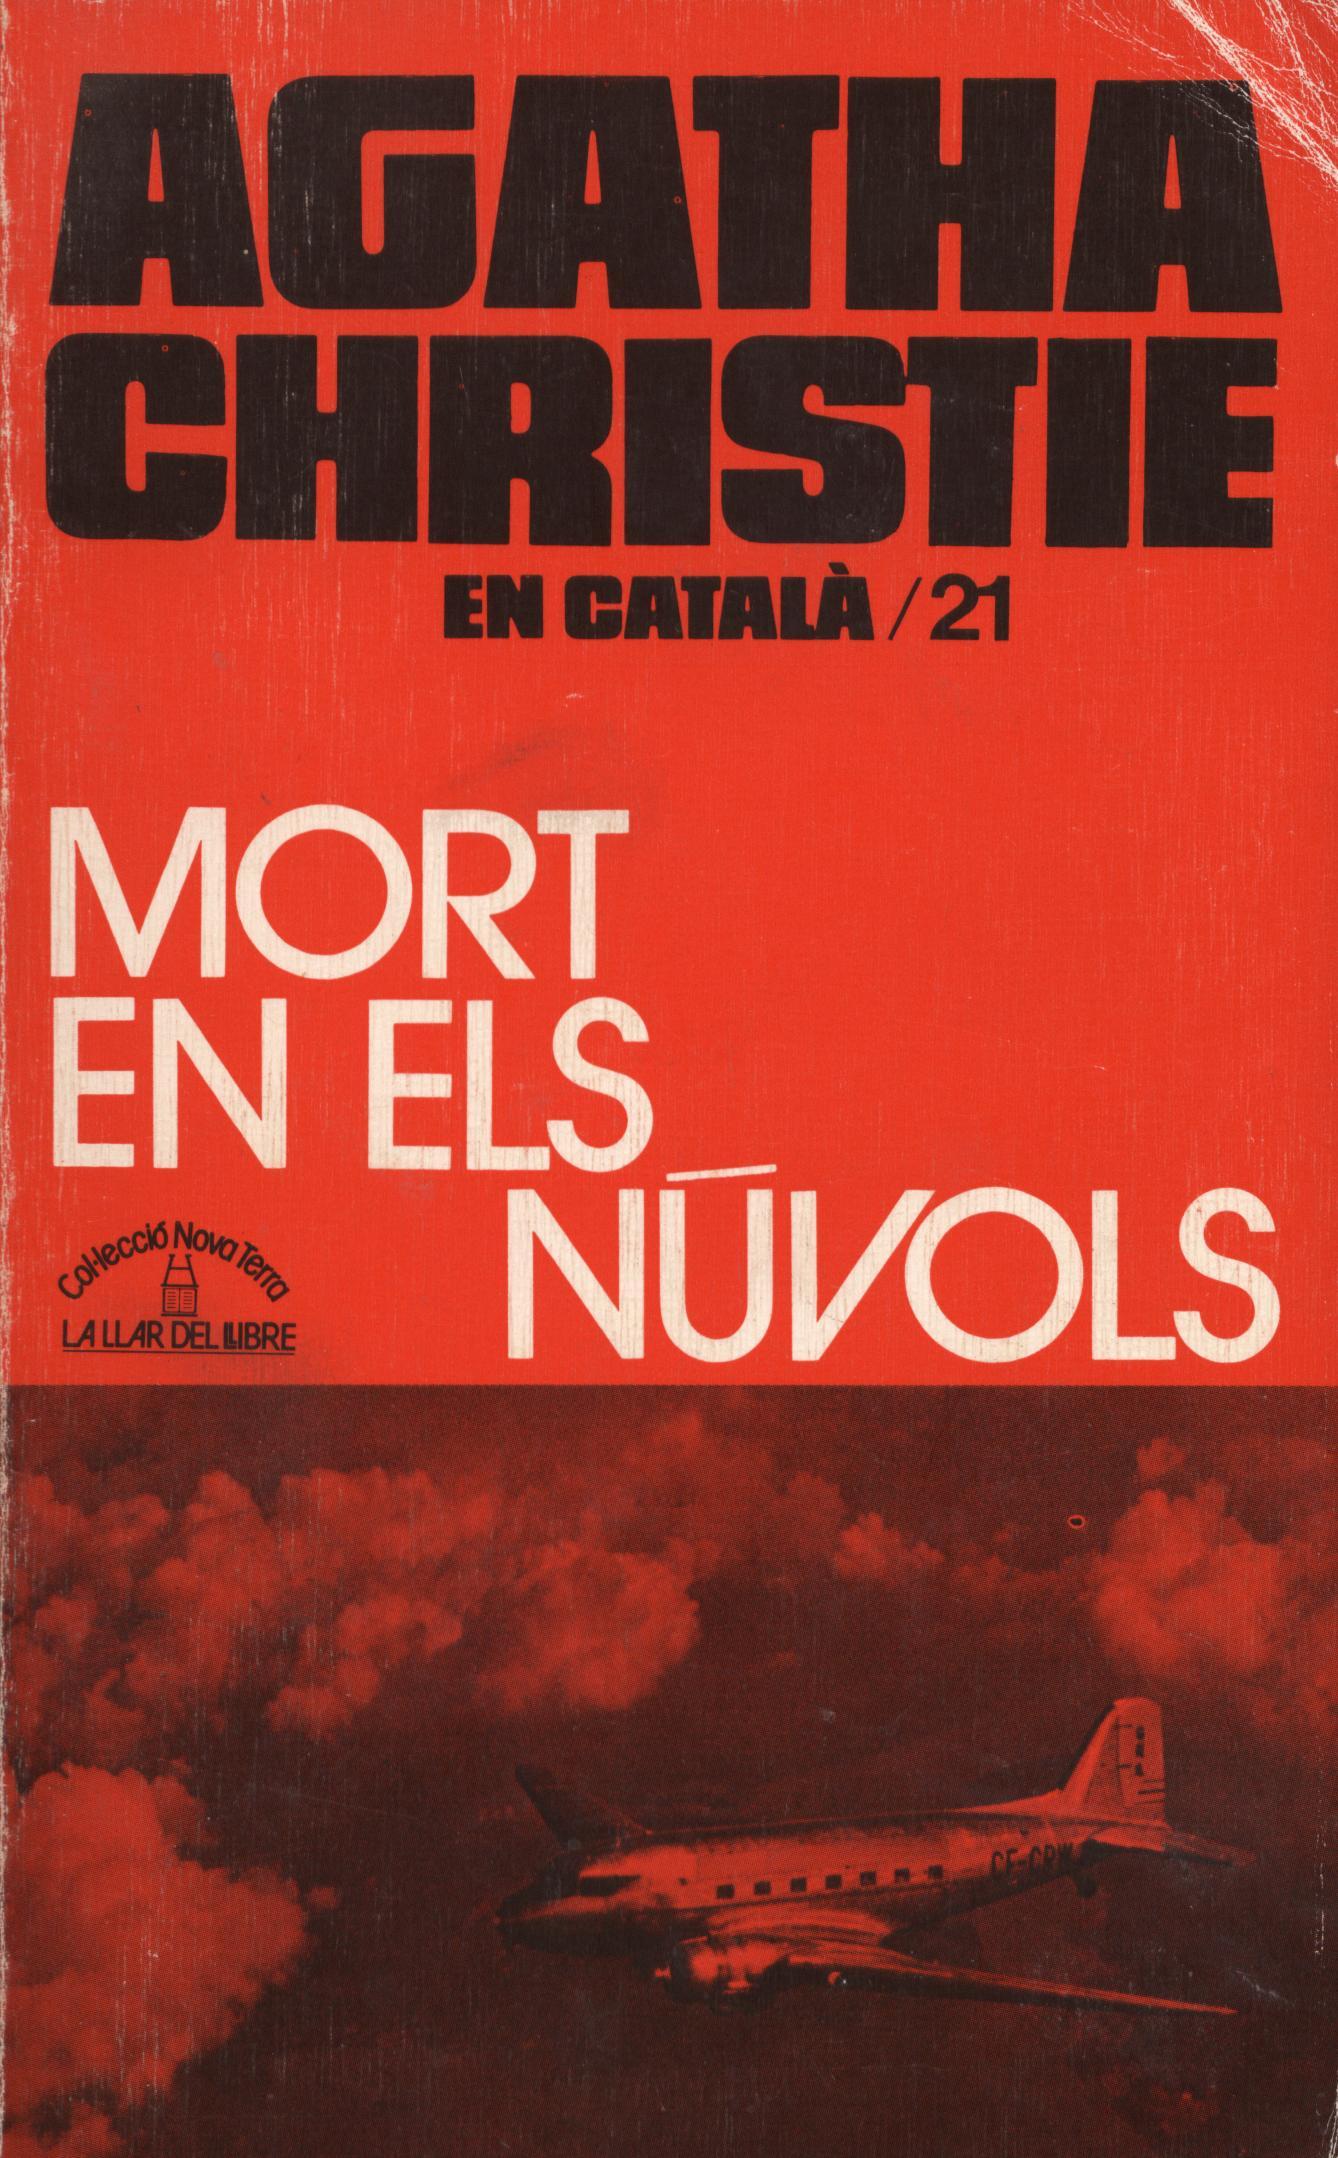 mort en els núvols - Agatha Christie